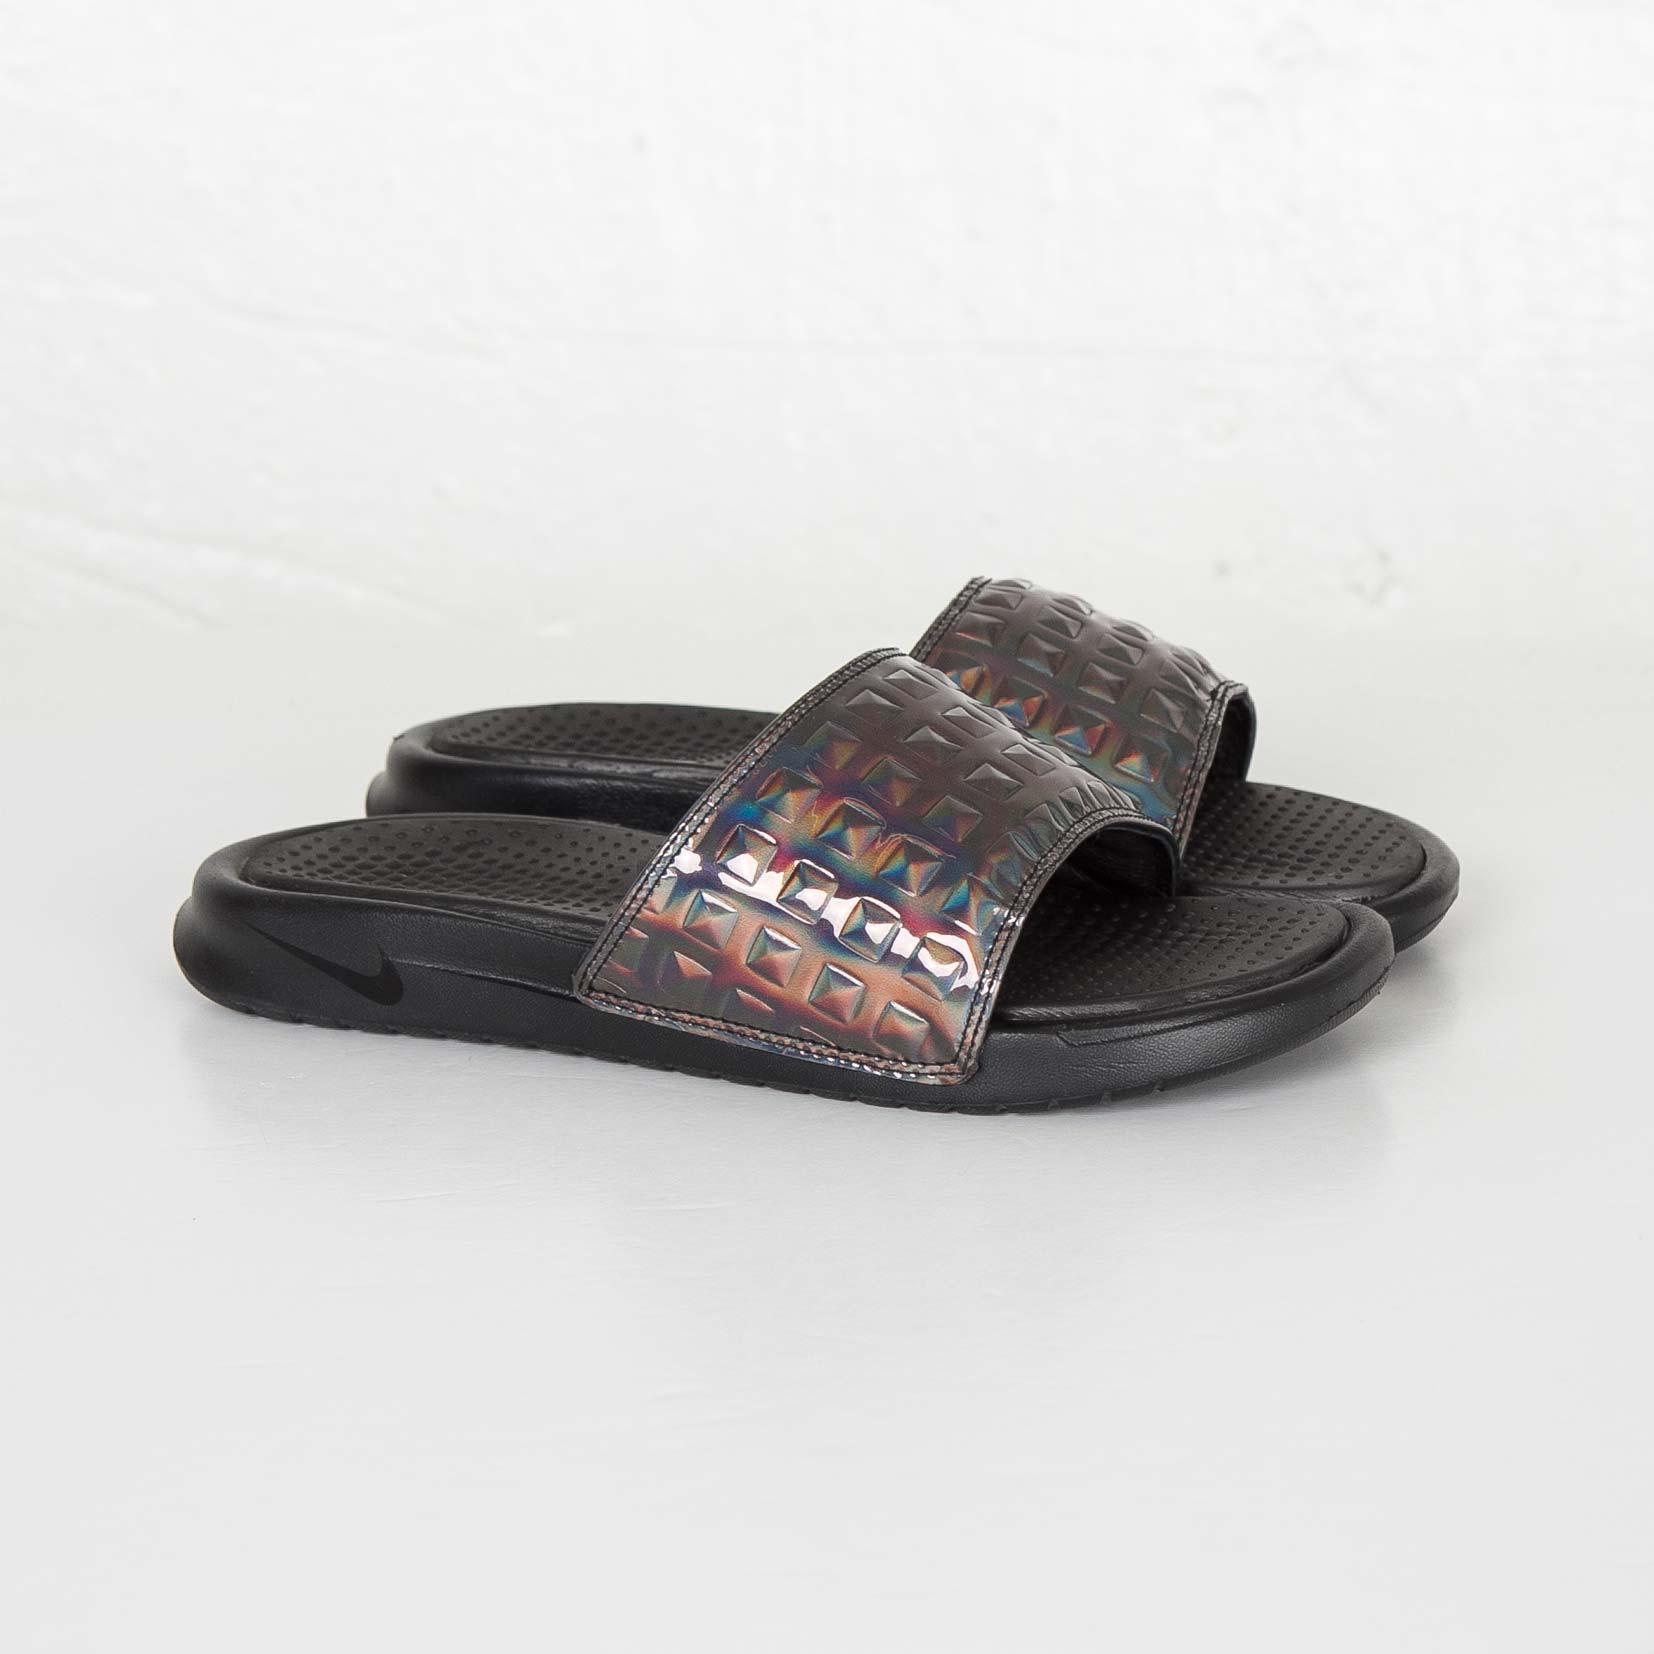 Nike W Benassi JDI - 818737-003 - Sneakersnstuff  8a121e5bd20e